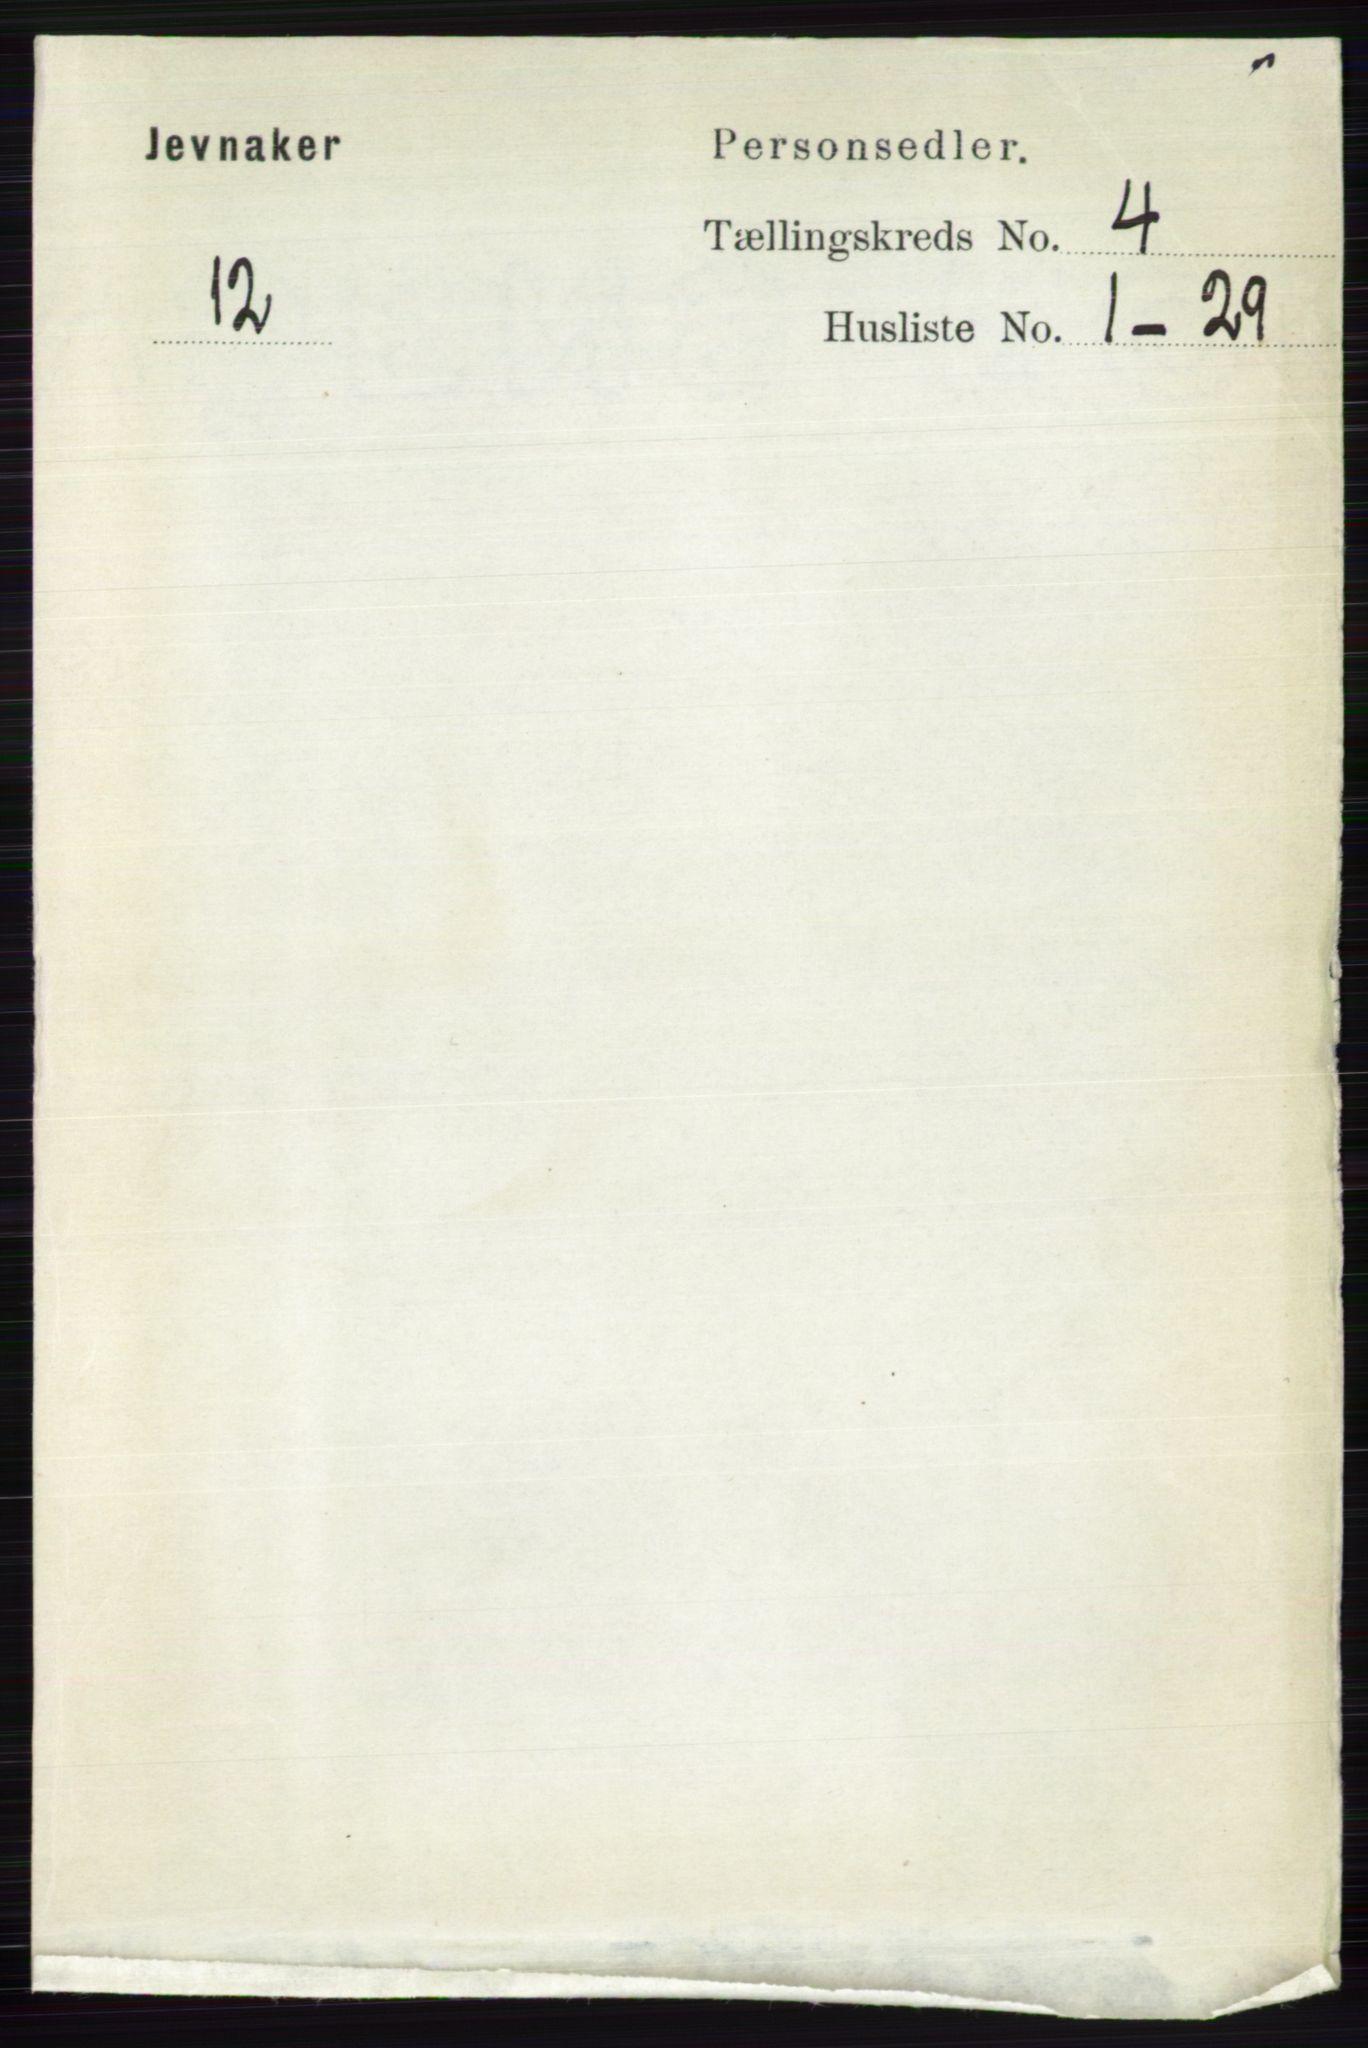 RA, Folketelling 1891 for 0532 Jevnaker herred, 1891, s. 1739